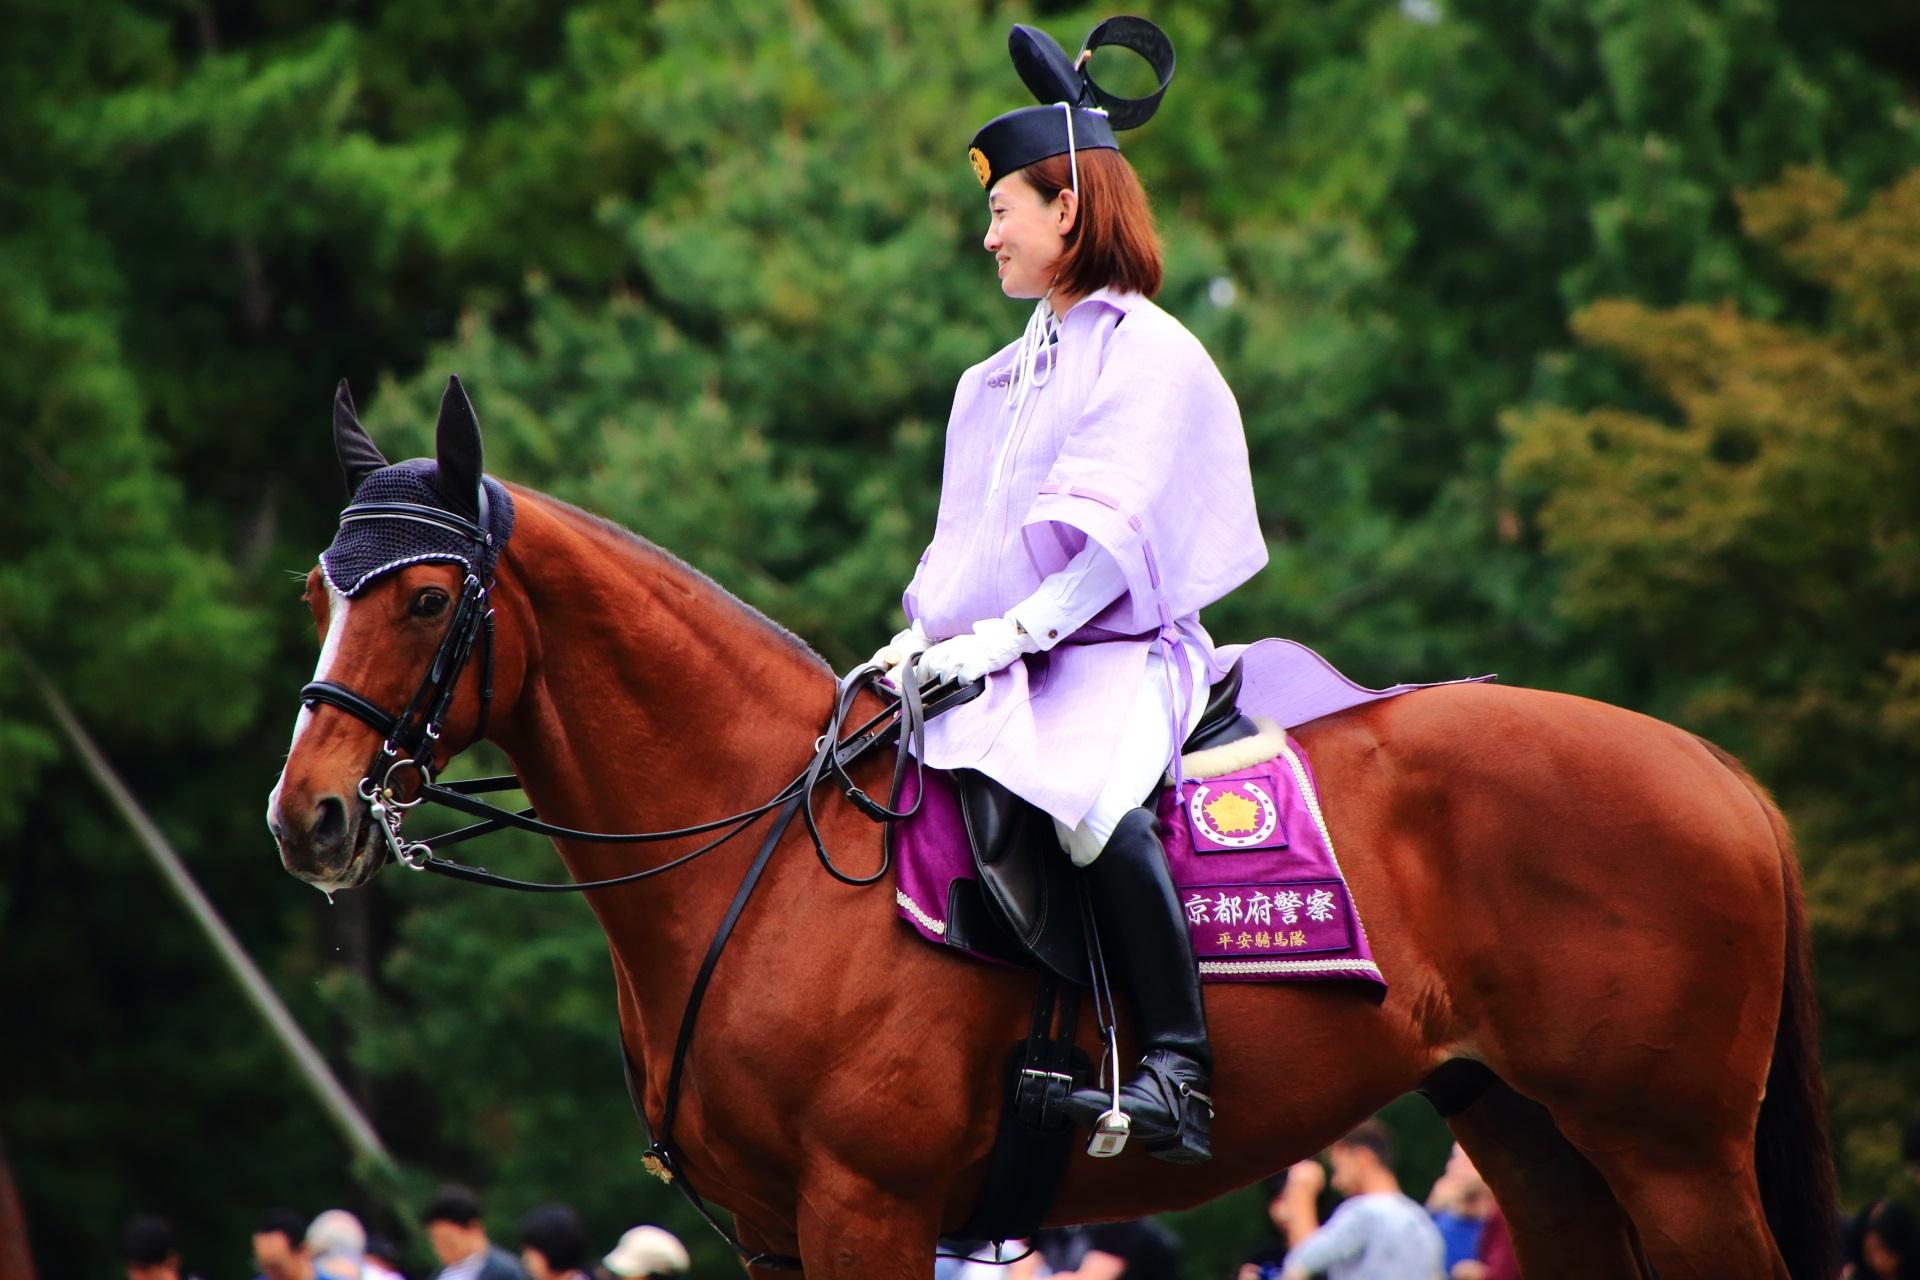 京都三大祭の時代祭の警察の馬